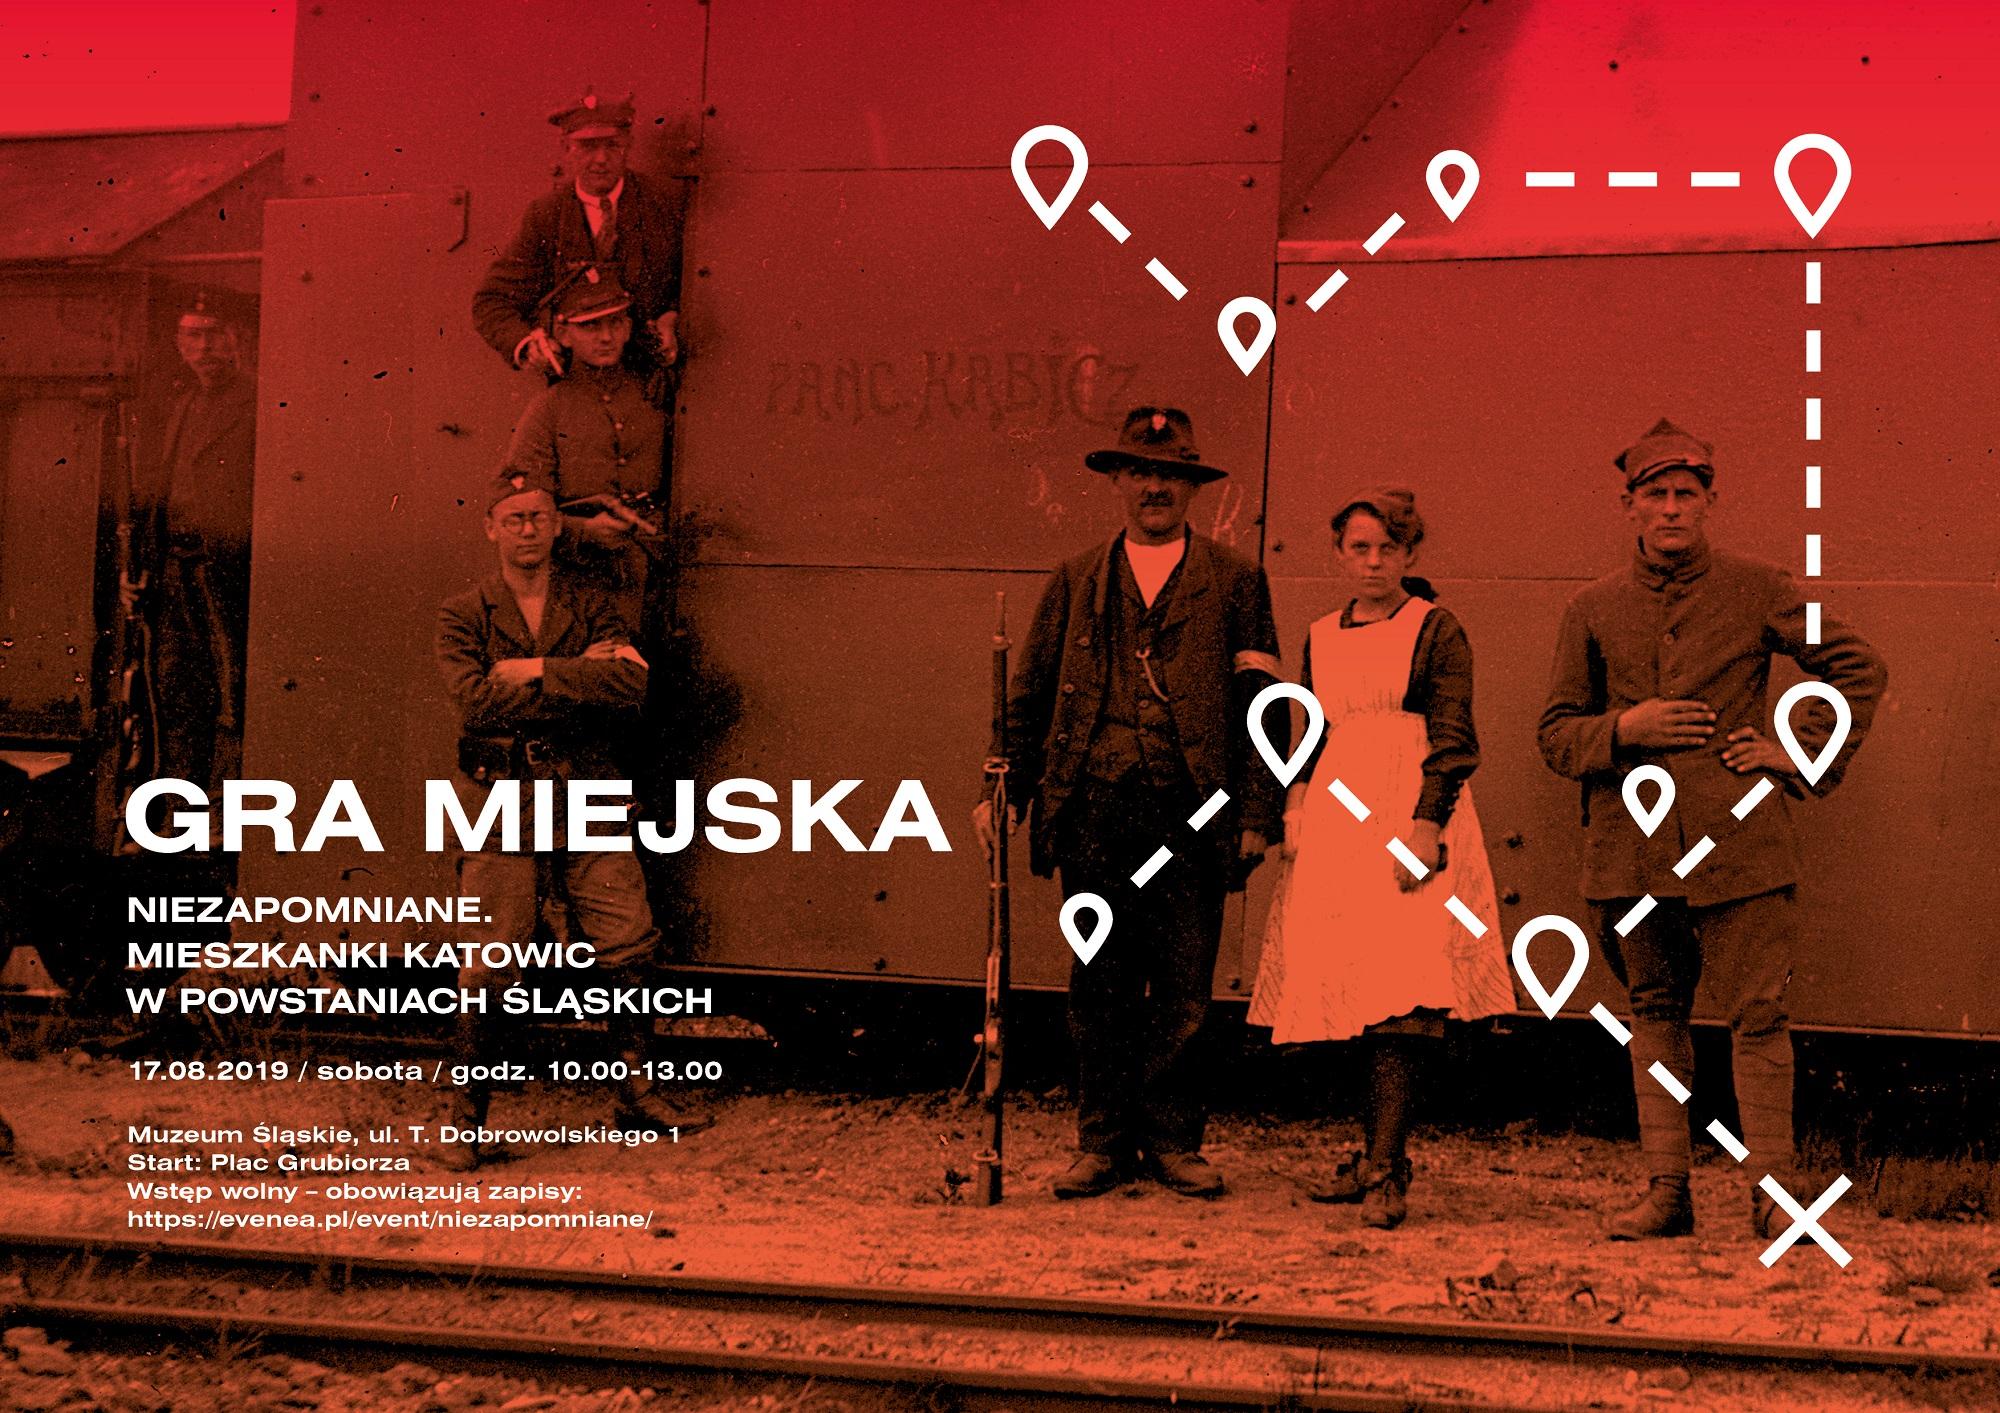 Zdjęcie z czasów powstań w czerwonej barwie. Na zdjęciu mężczyźni w strojach powstańczych, z bronią. Pośród nich kobieta w fartuchu. Stoją na tle pociągu. Na zdjęciu informacja o dacie i tytule gry miejskiej.